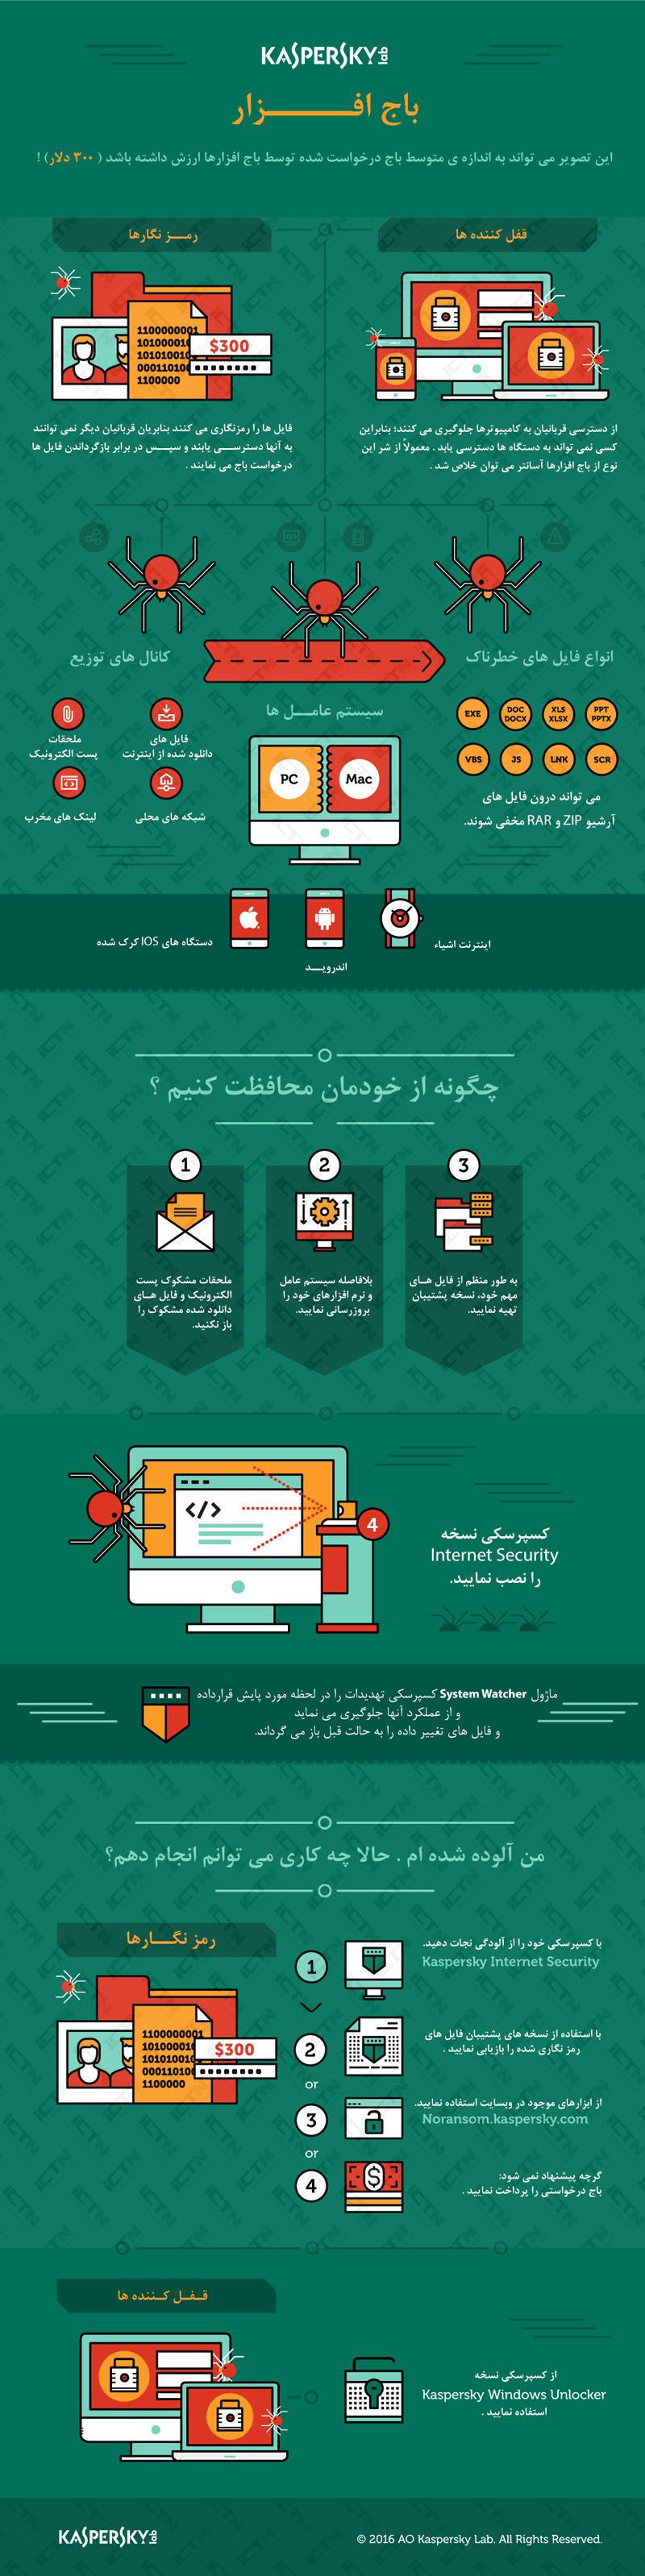 ransomware-ig-faaa